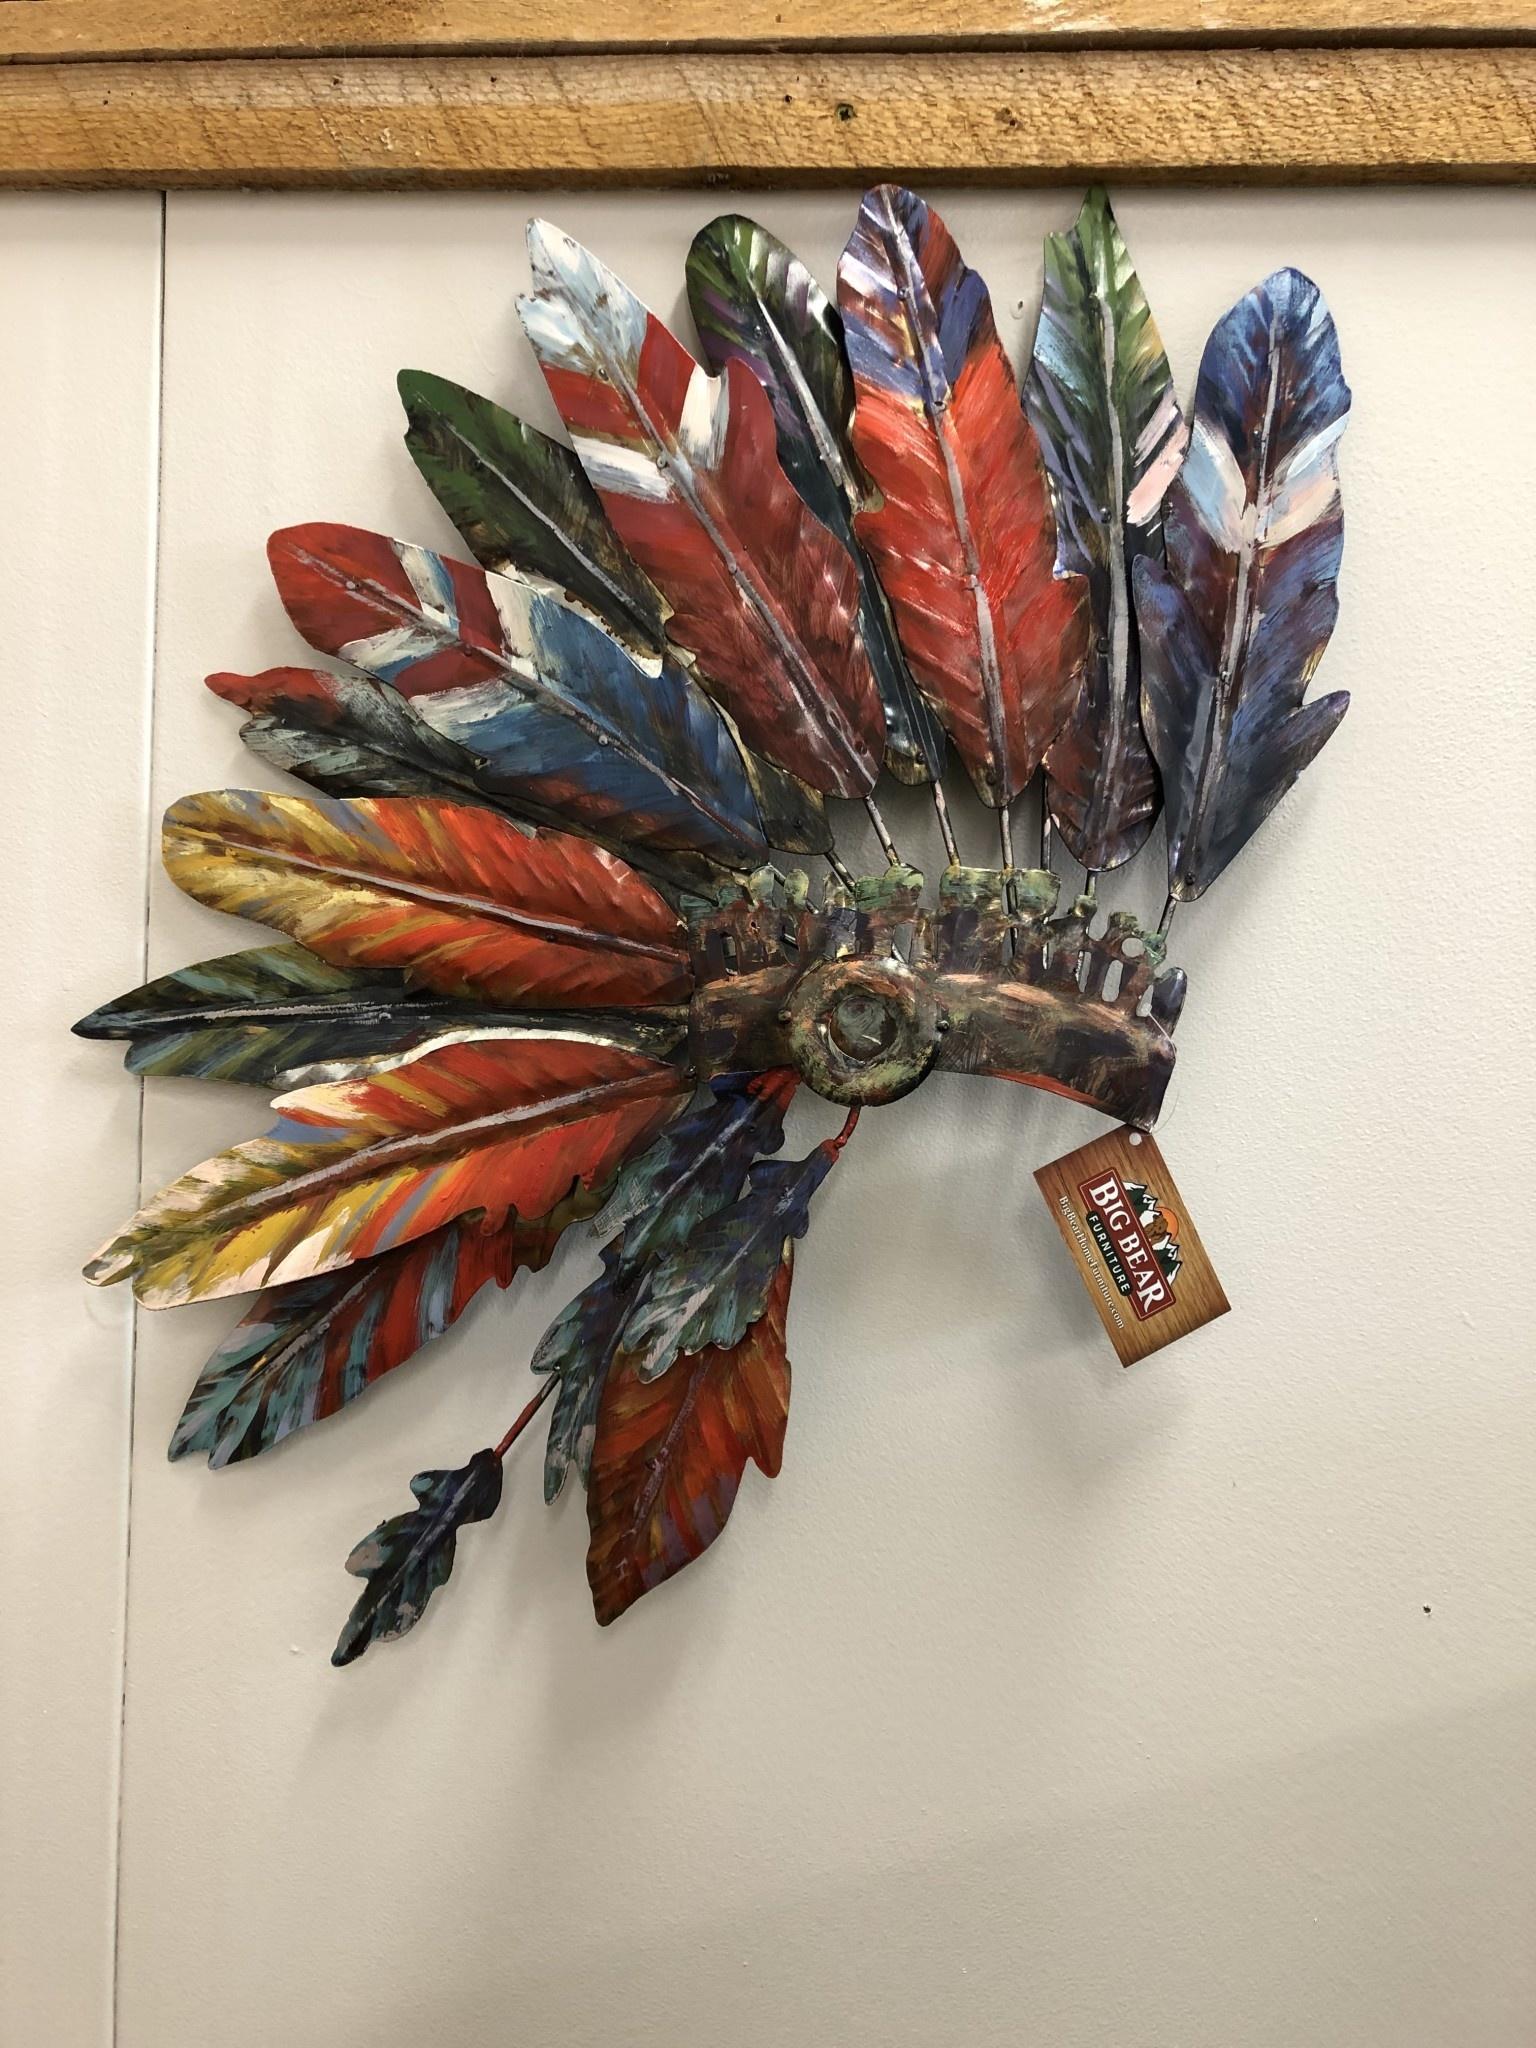 Simpkins-Canterbury Lane Indian Bonnet-Metal Wall Art - Large